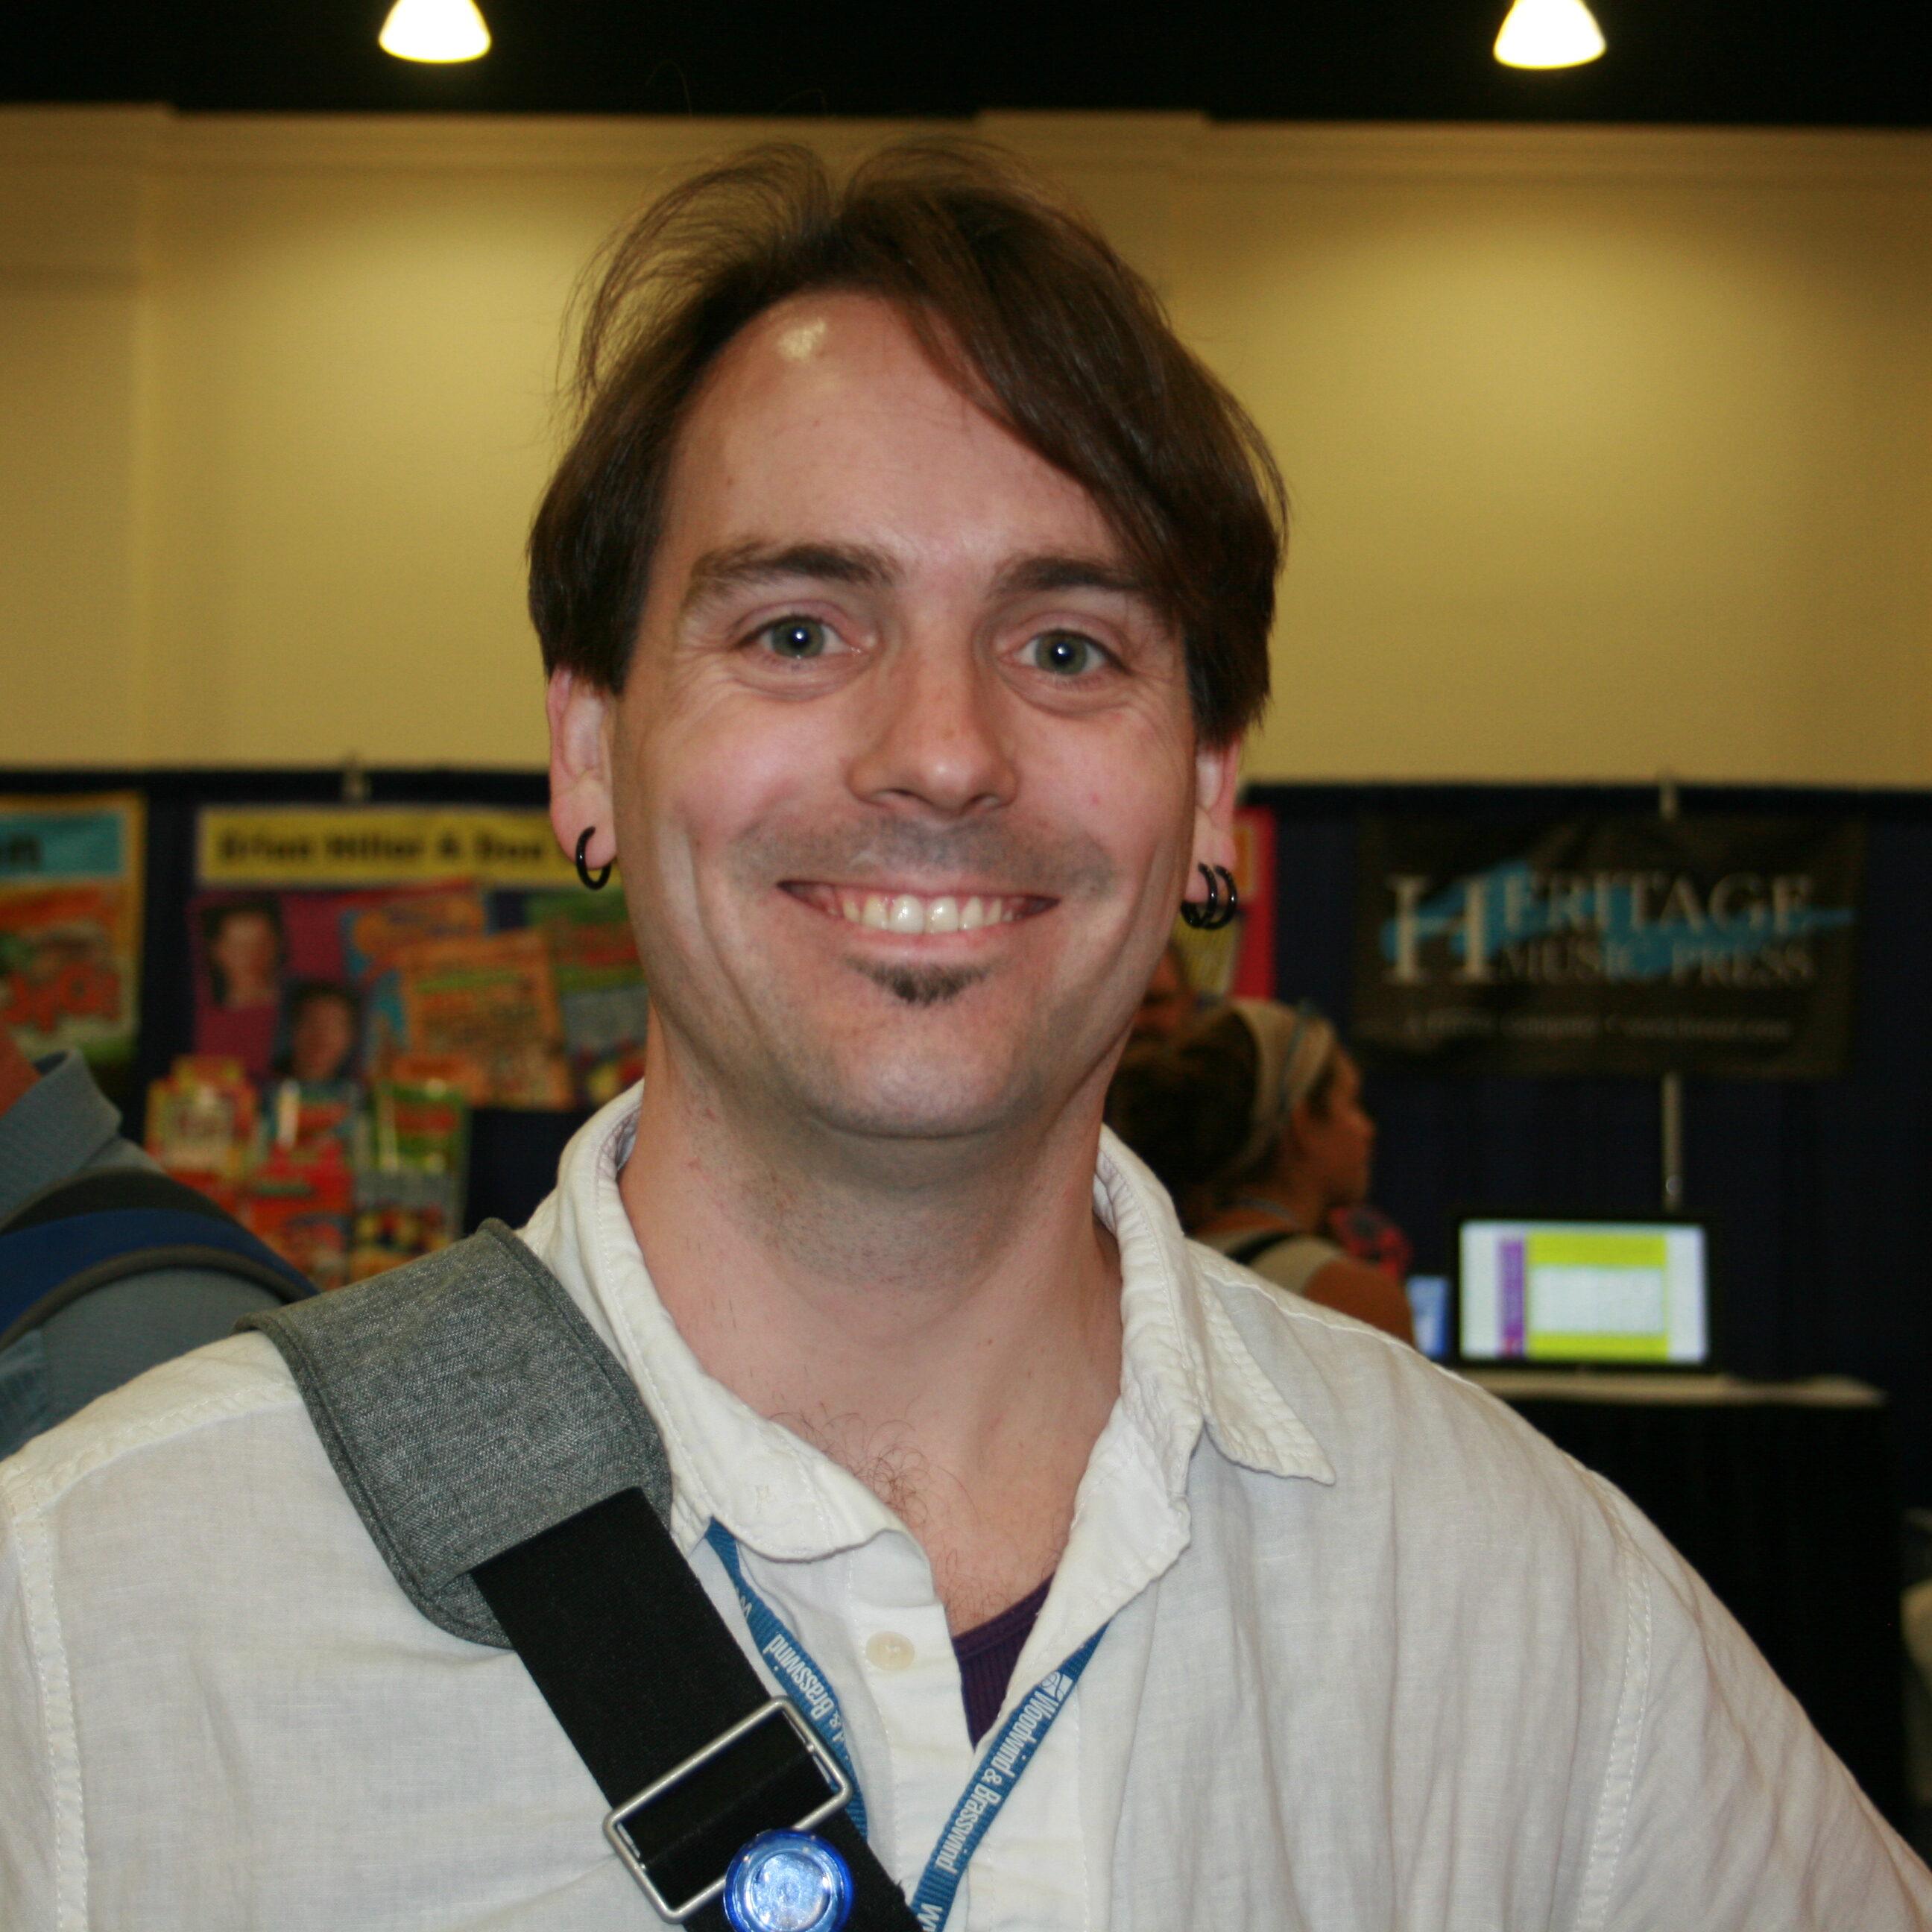 Adam Thiel